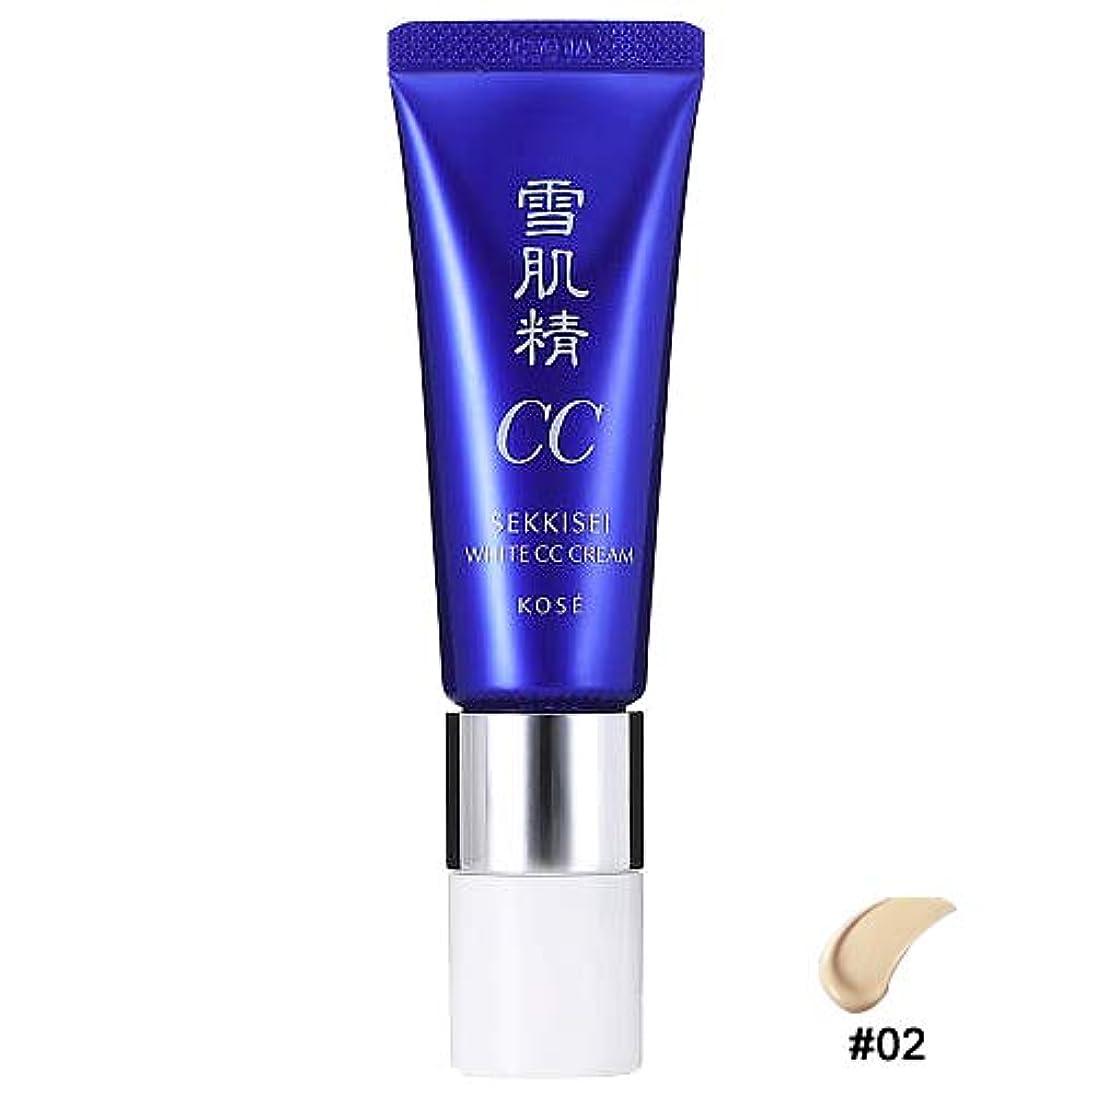 偽物効能ある選択するコーセー 雪肌精 ホワイトCCクリーム 02 普通の明るさの自然な肌色 30g SPF50+/PA++++ [並行輸入品]